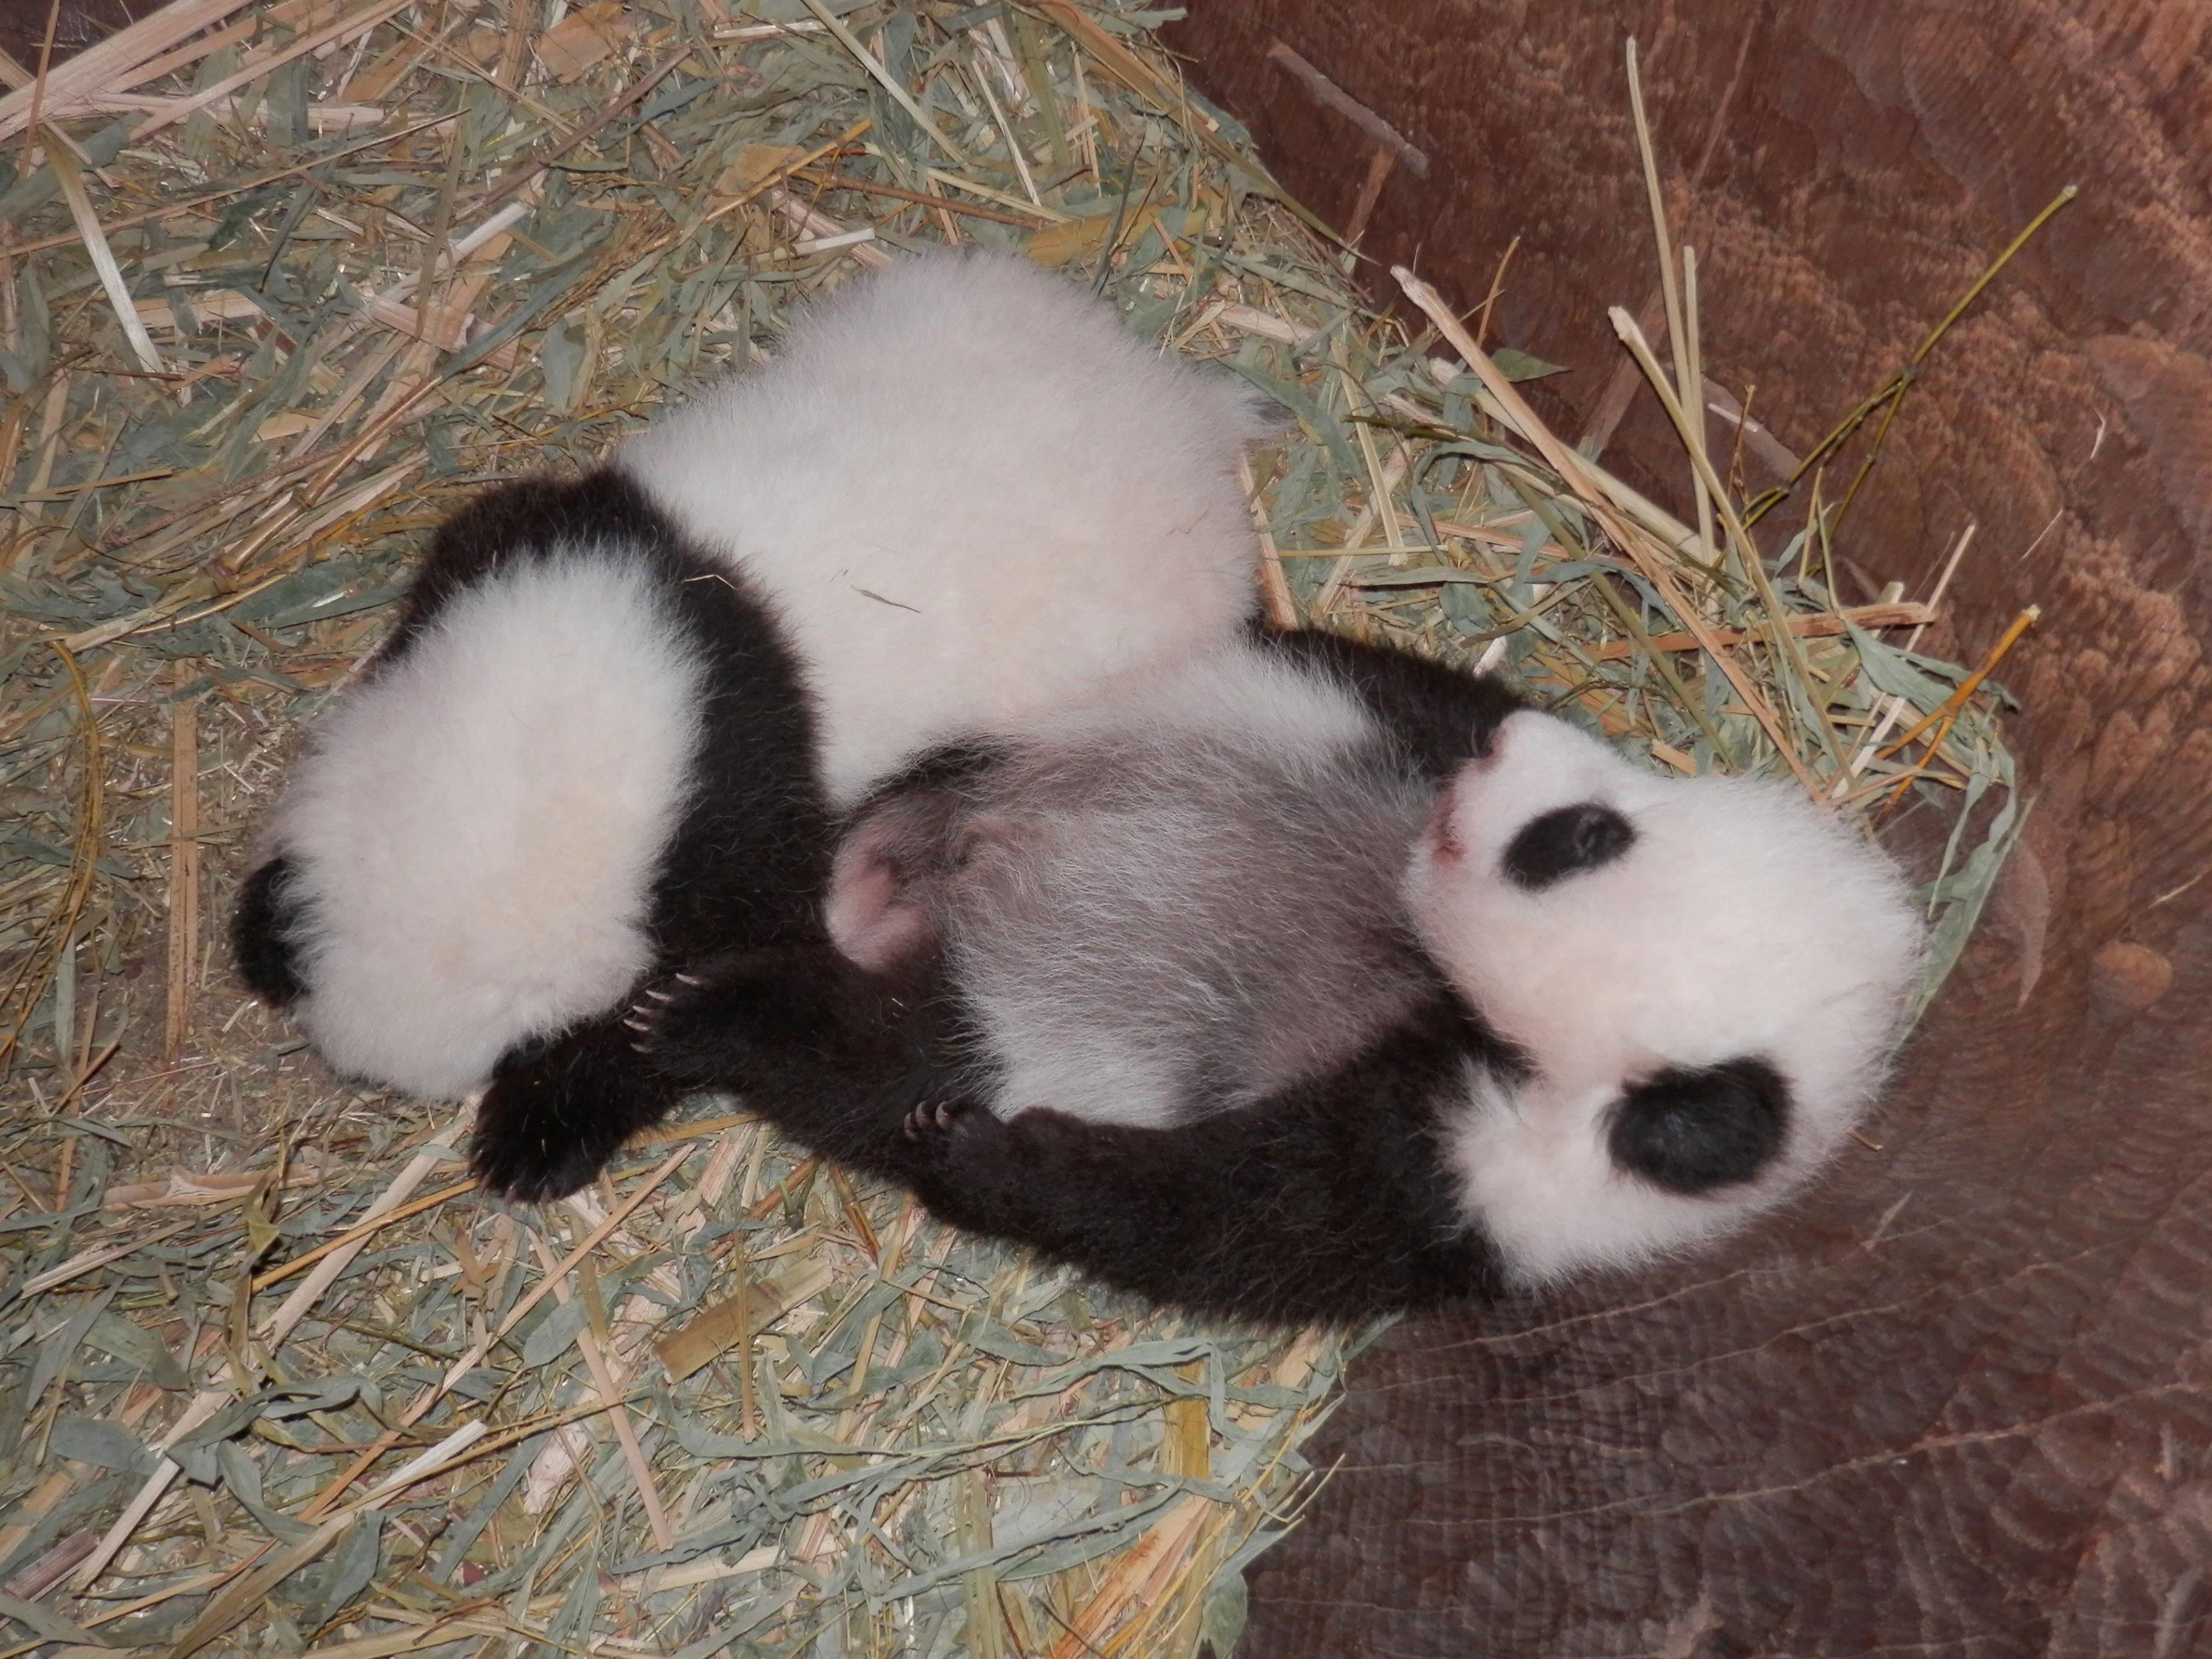 Die Panda-Zwillinge in der Baumhöhle, ihrem neuen Quartier